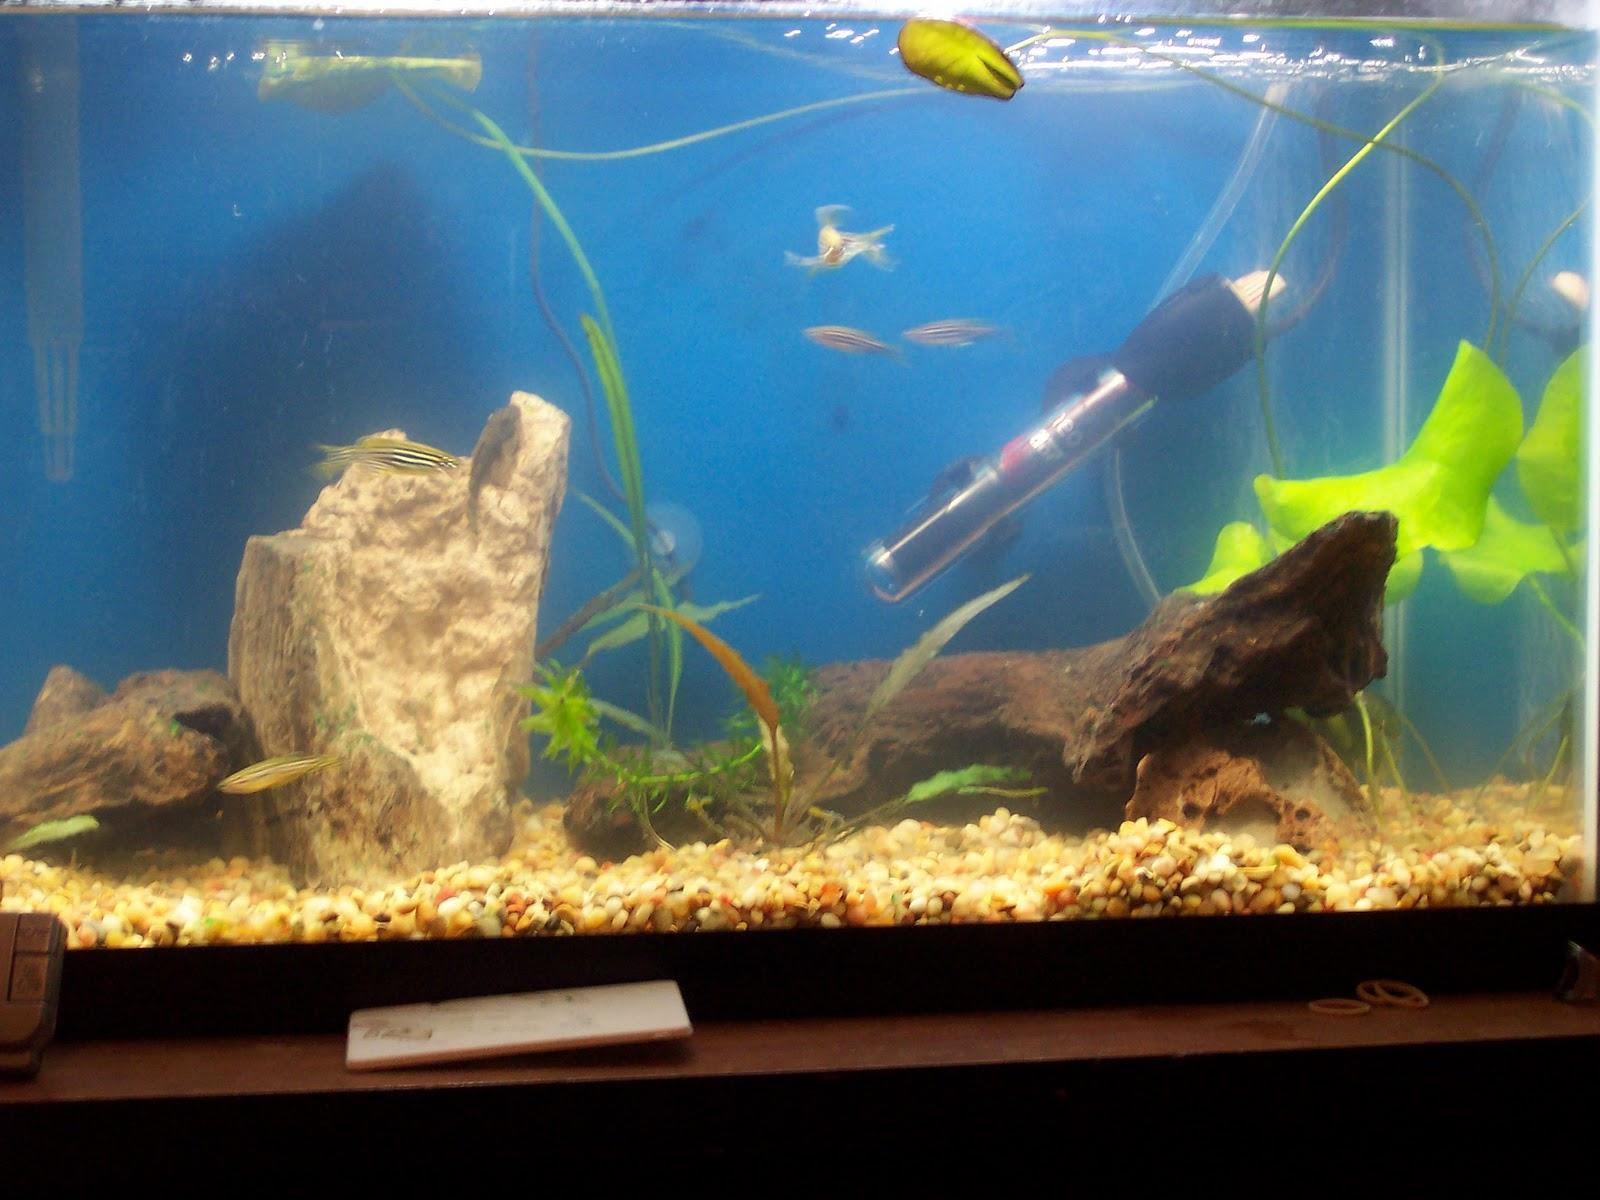 My 10 gal planted aquarium october 2010 for Bacterial bloom fish tank